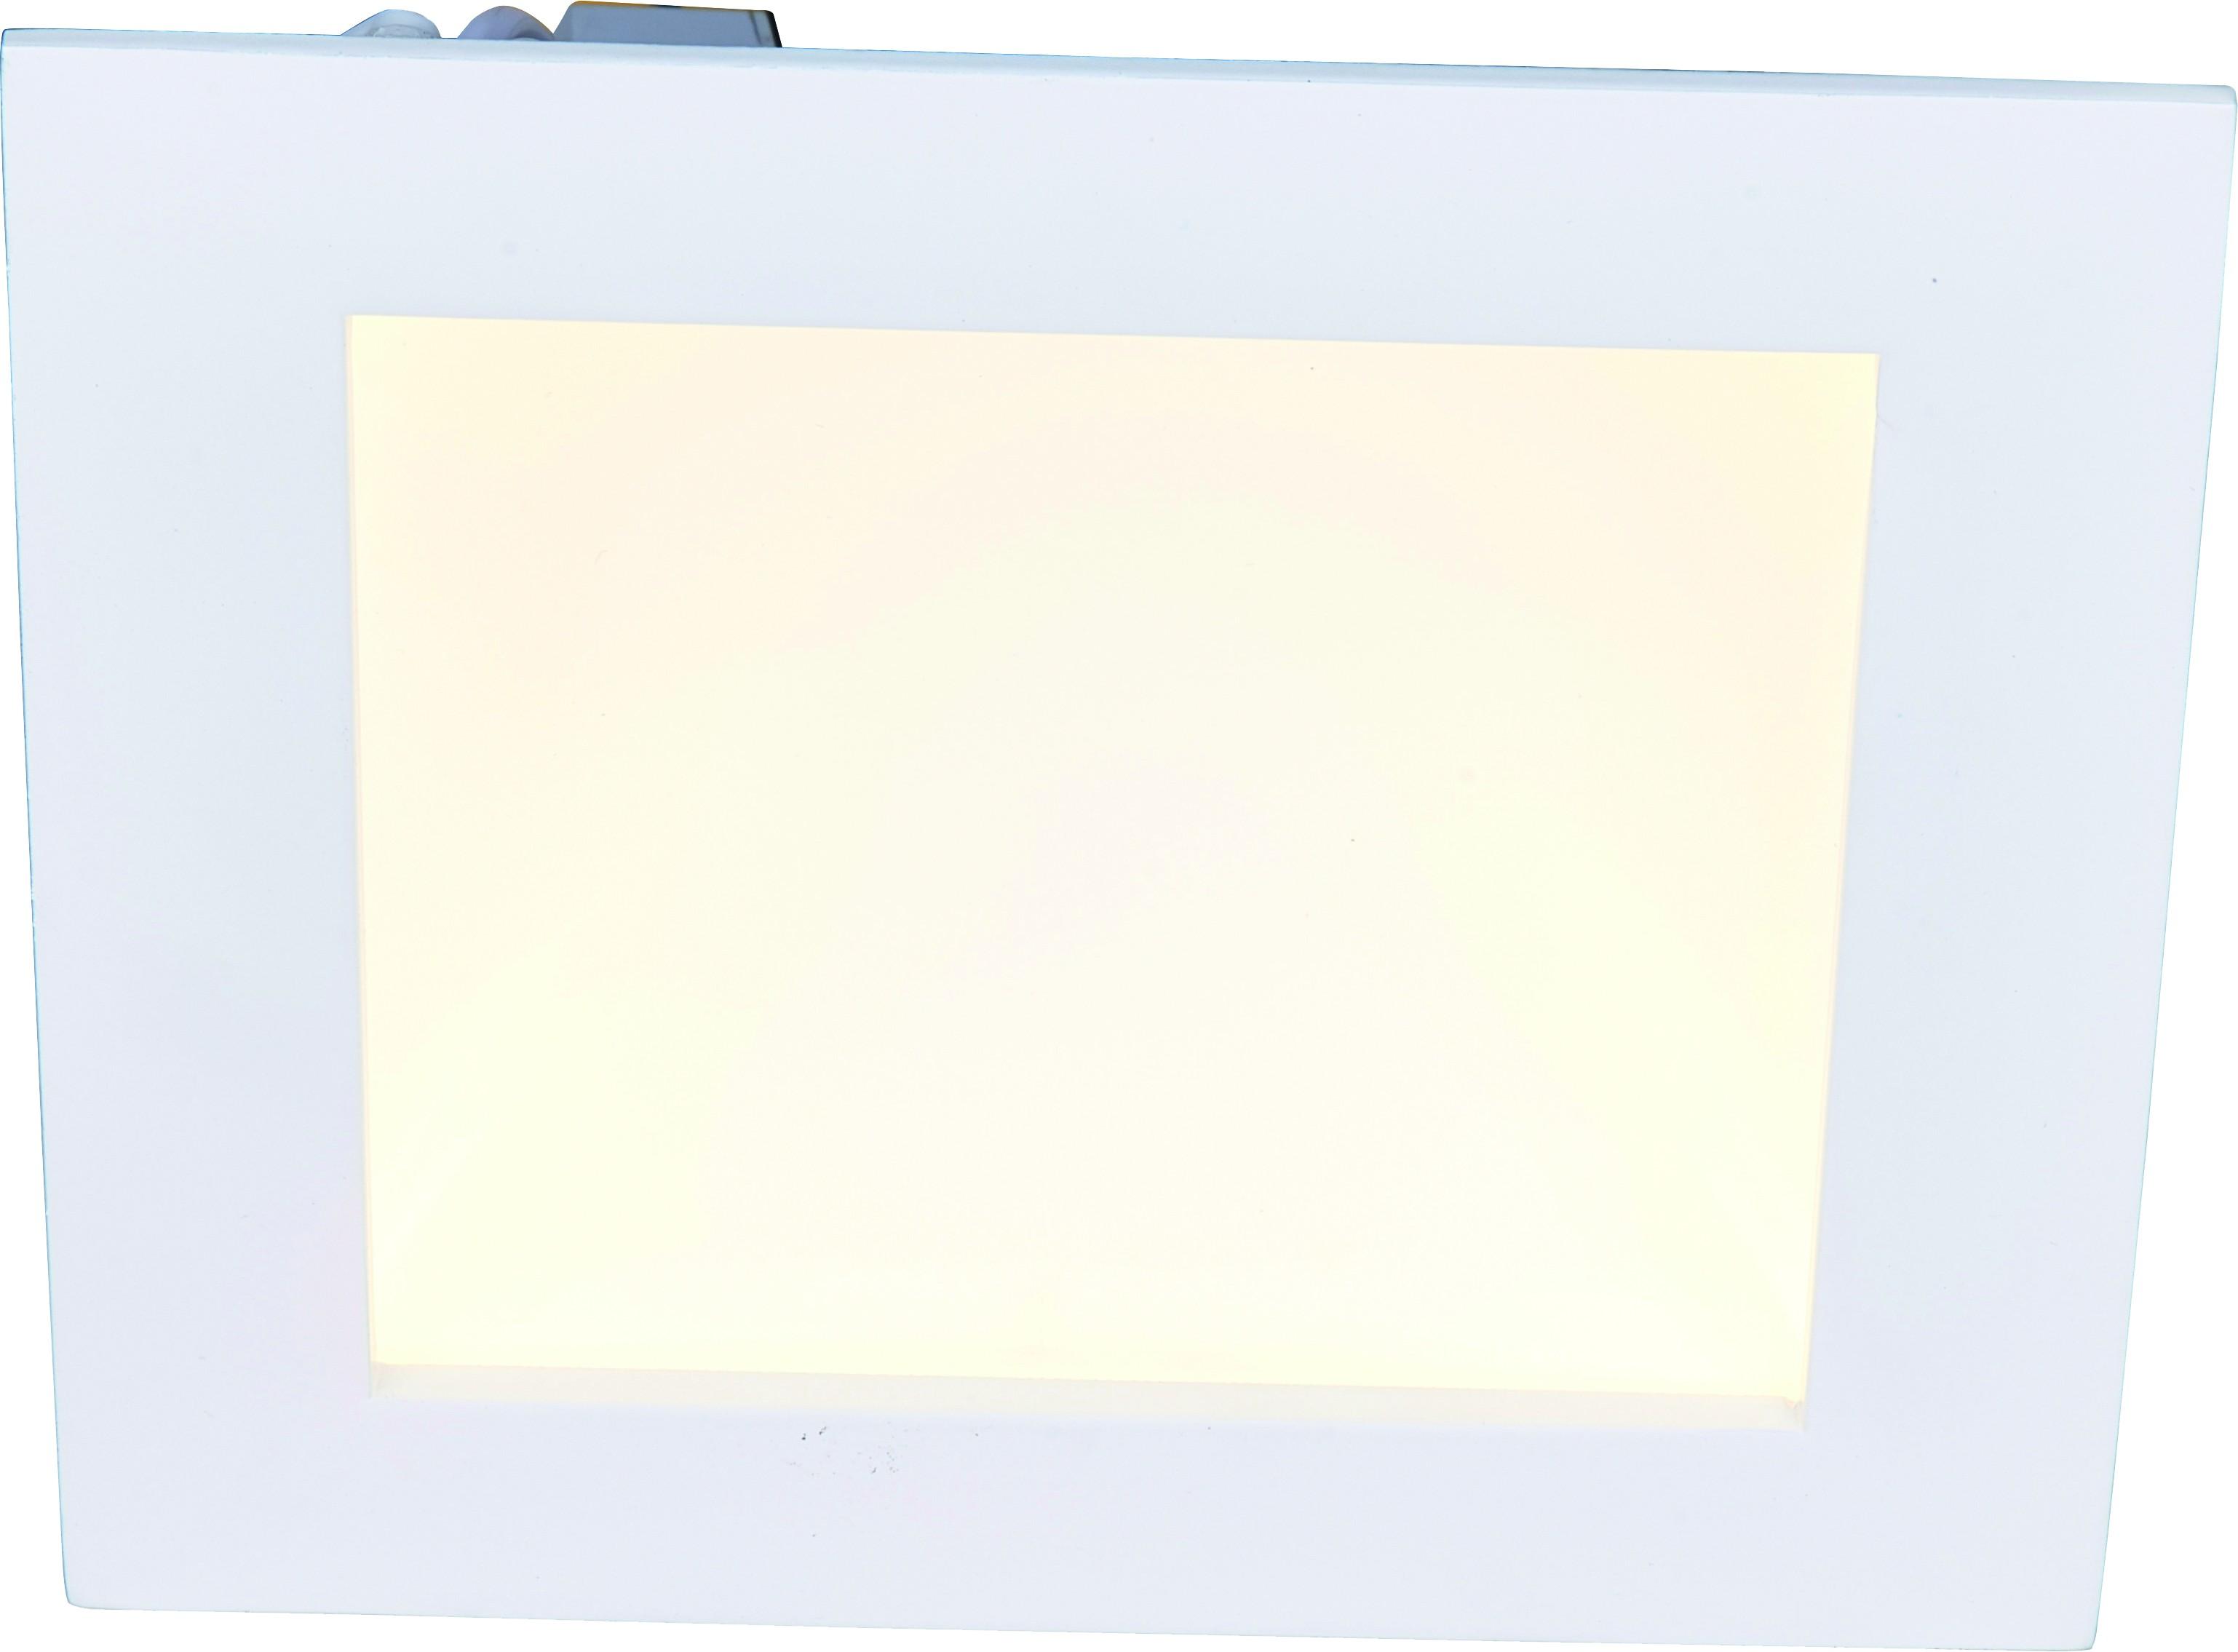 Светильник встраиваемый Arte lamp A7416pl-1wh встраиваемый светильник arte lamp cielo a7314pl 1wh